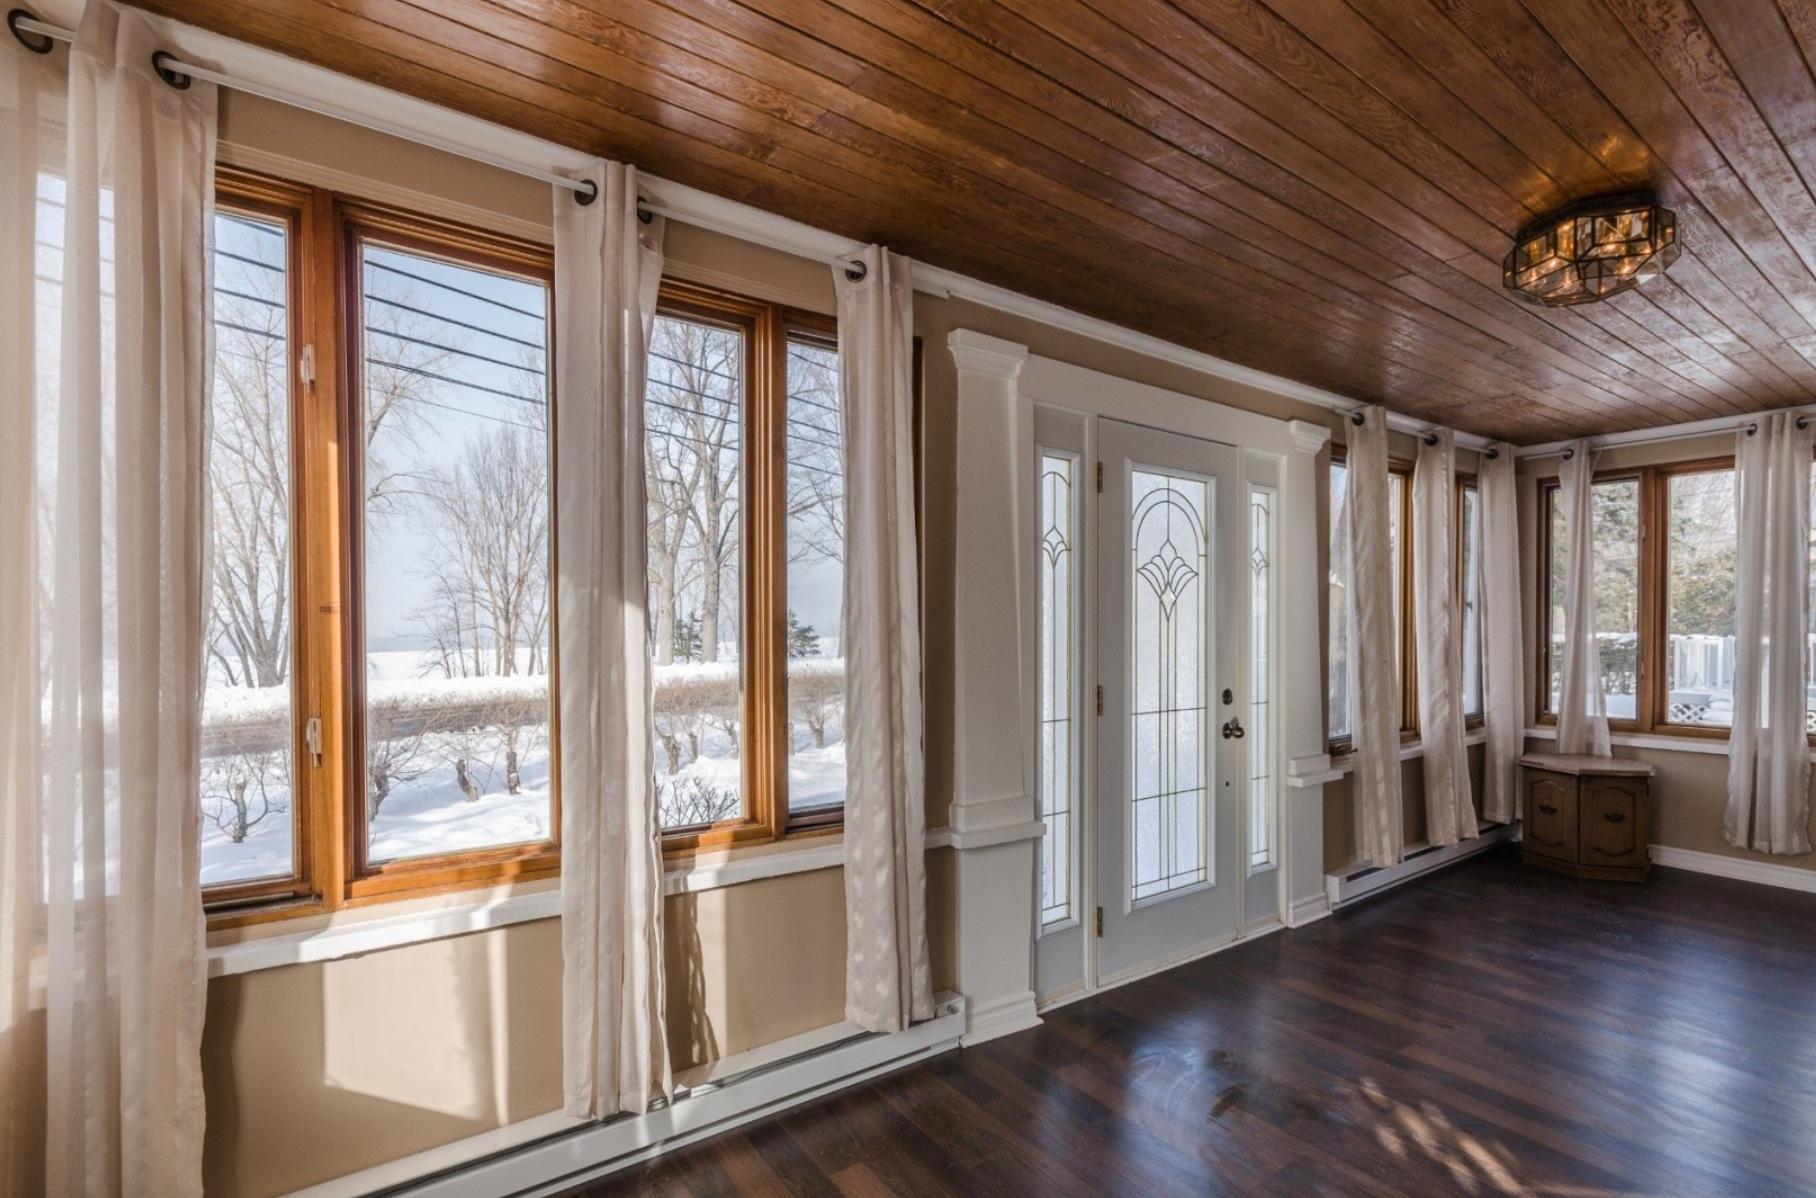 Maison-etages-boucherville-vieux-village-joli-Design-Quebec-02